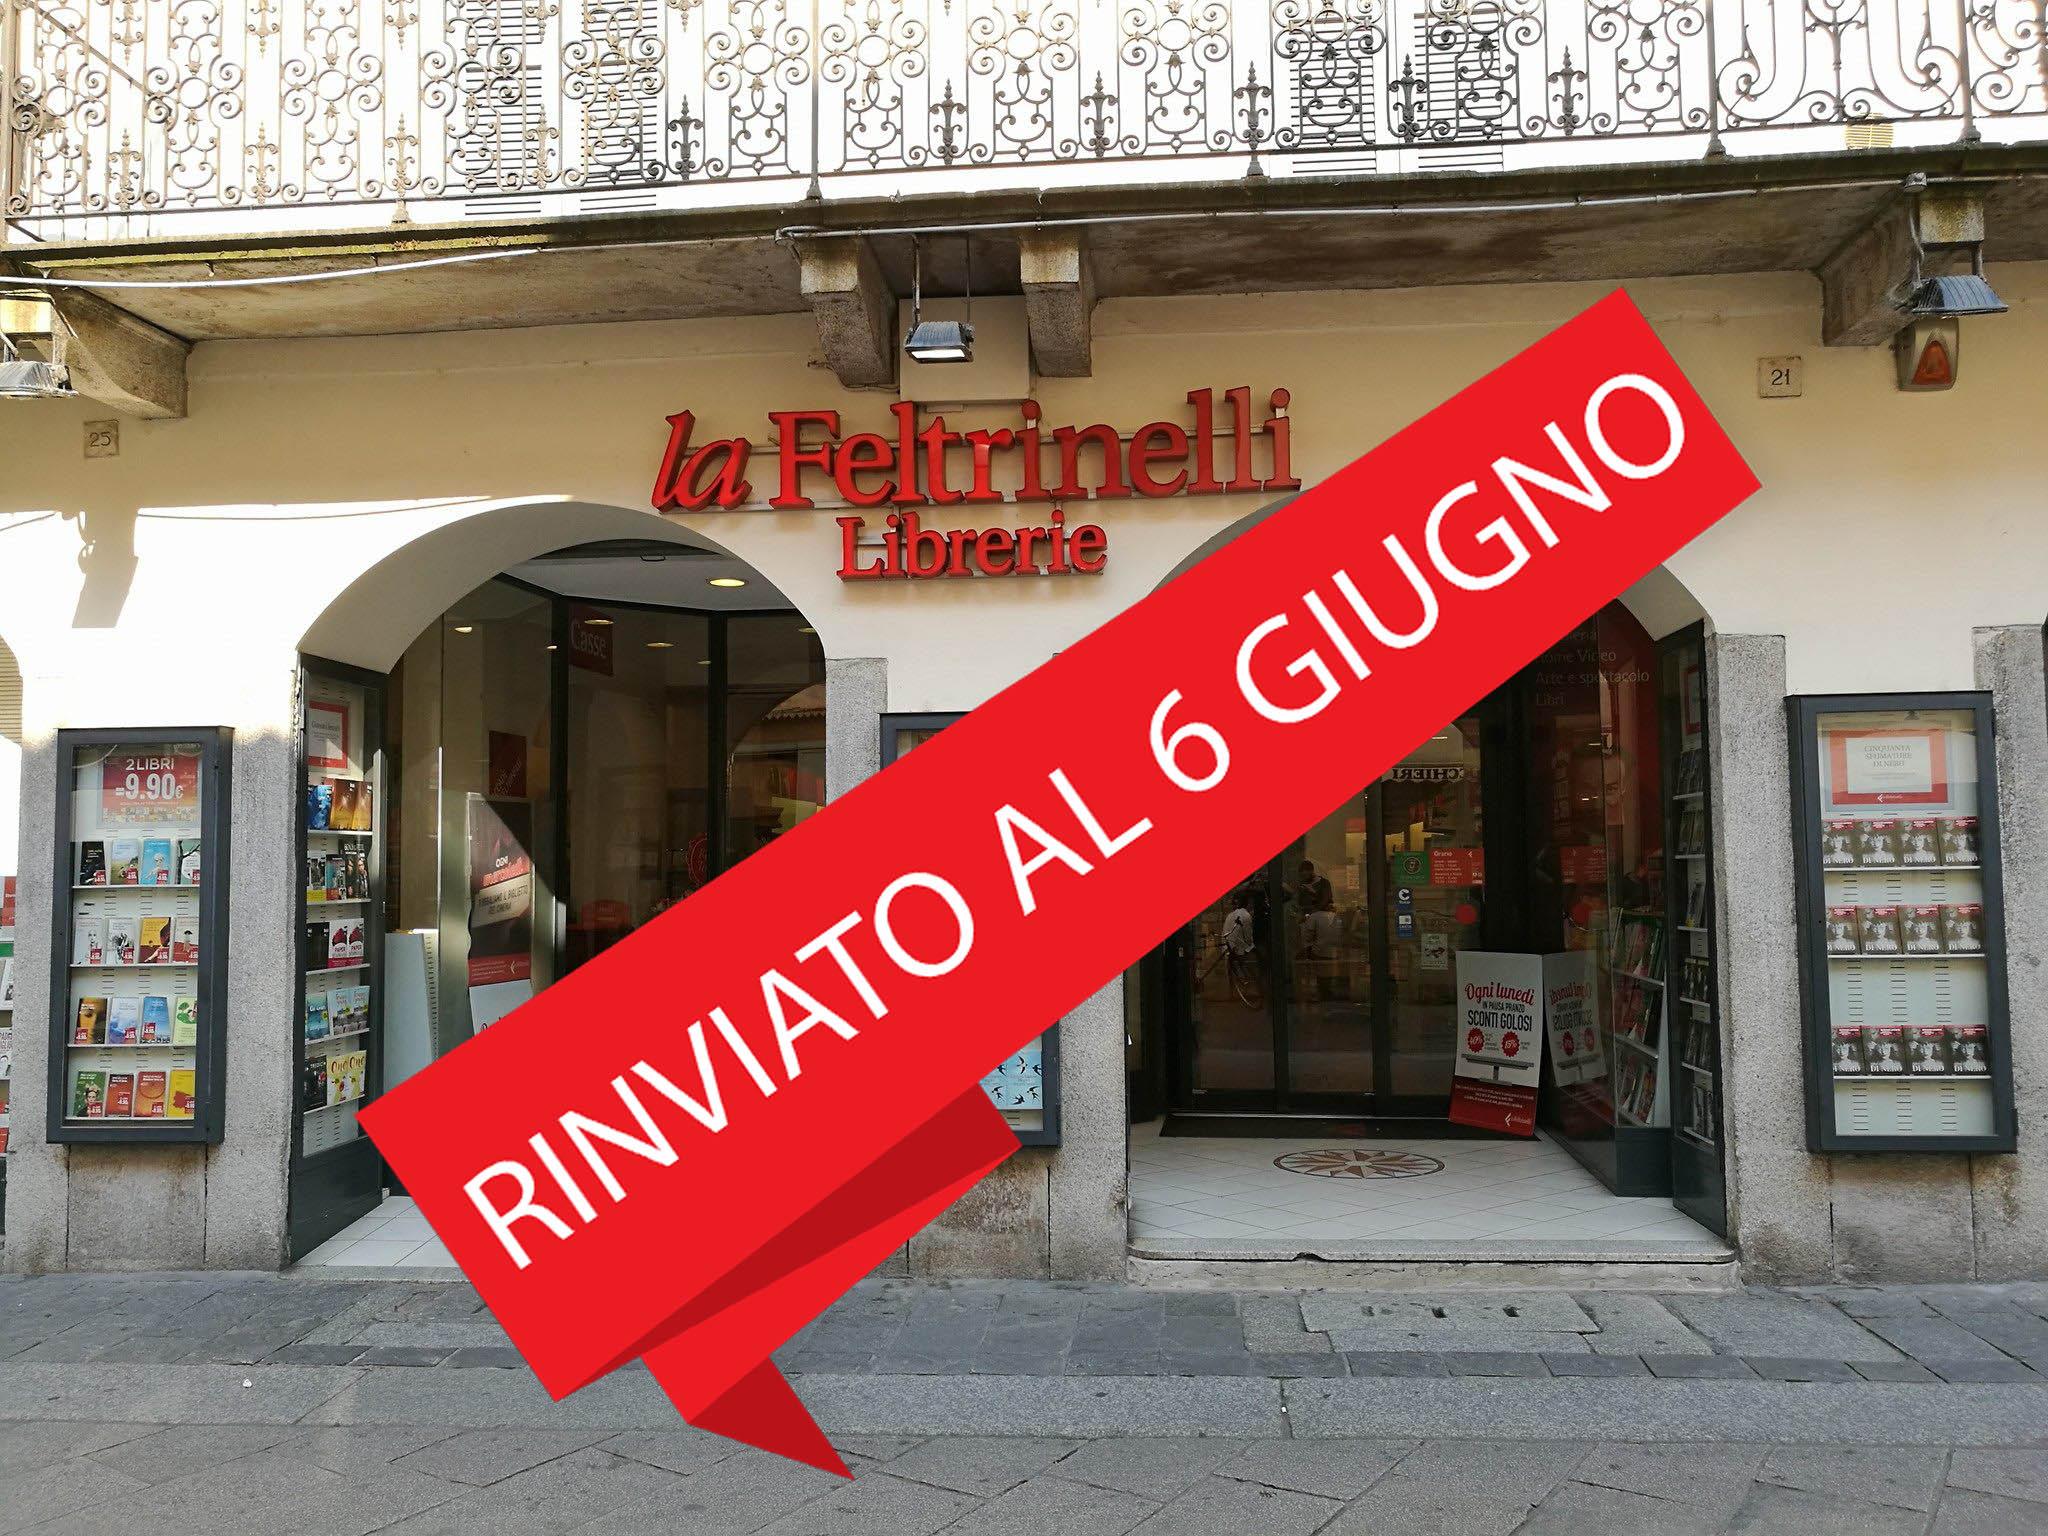 Elysa-Fazzino-alla-Libreria-Feltrinelli-di-Pavia 6 giugno 2020